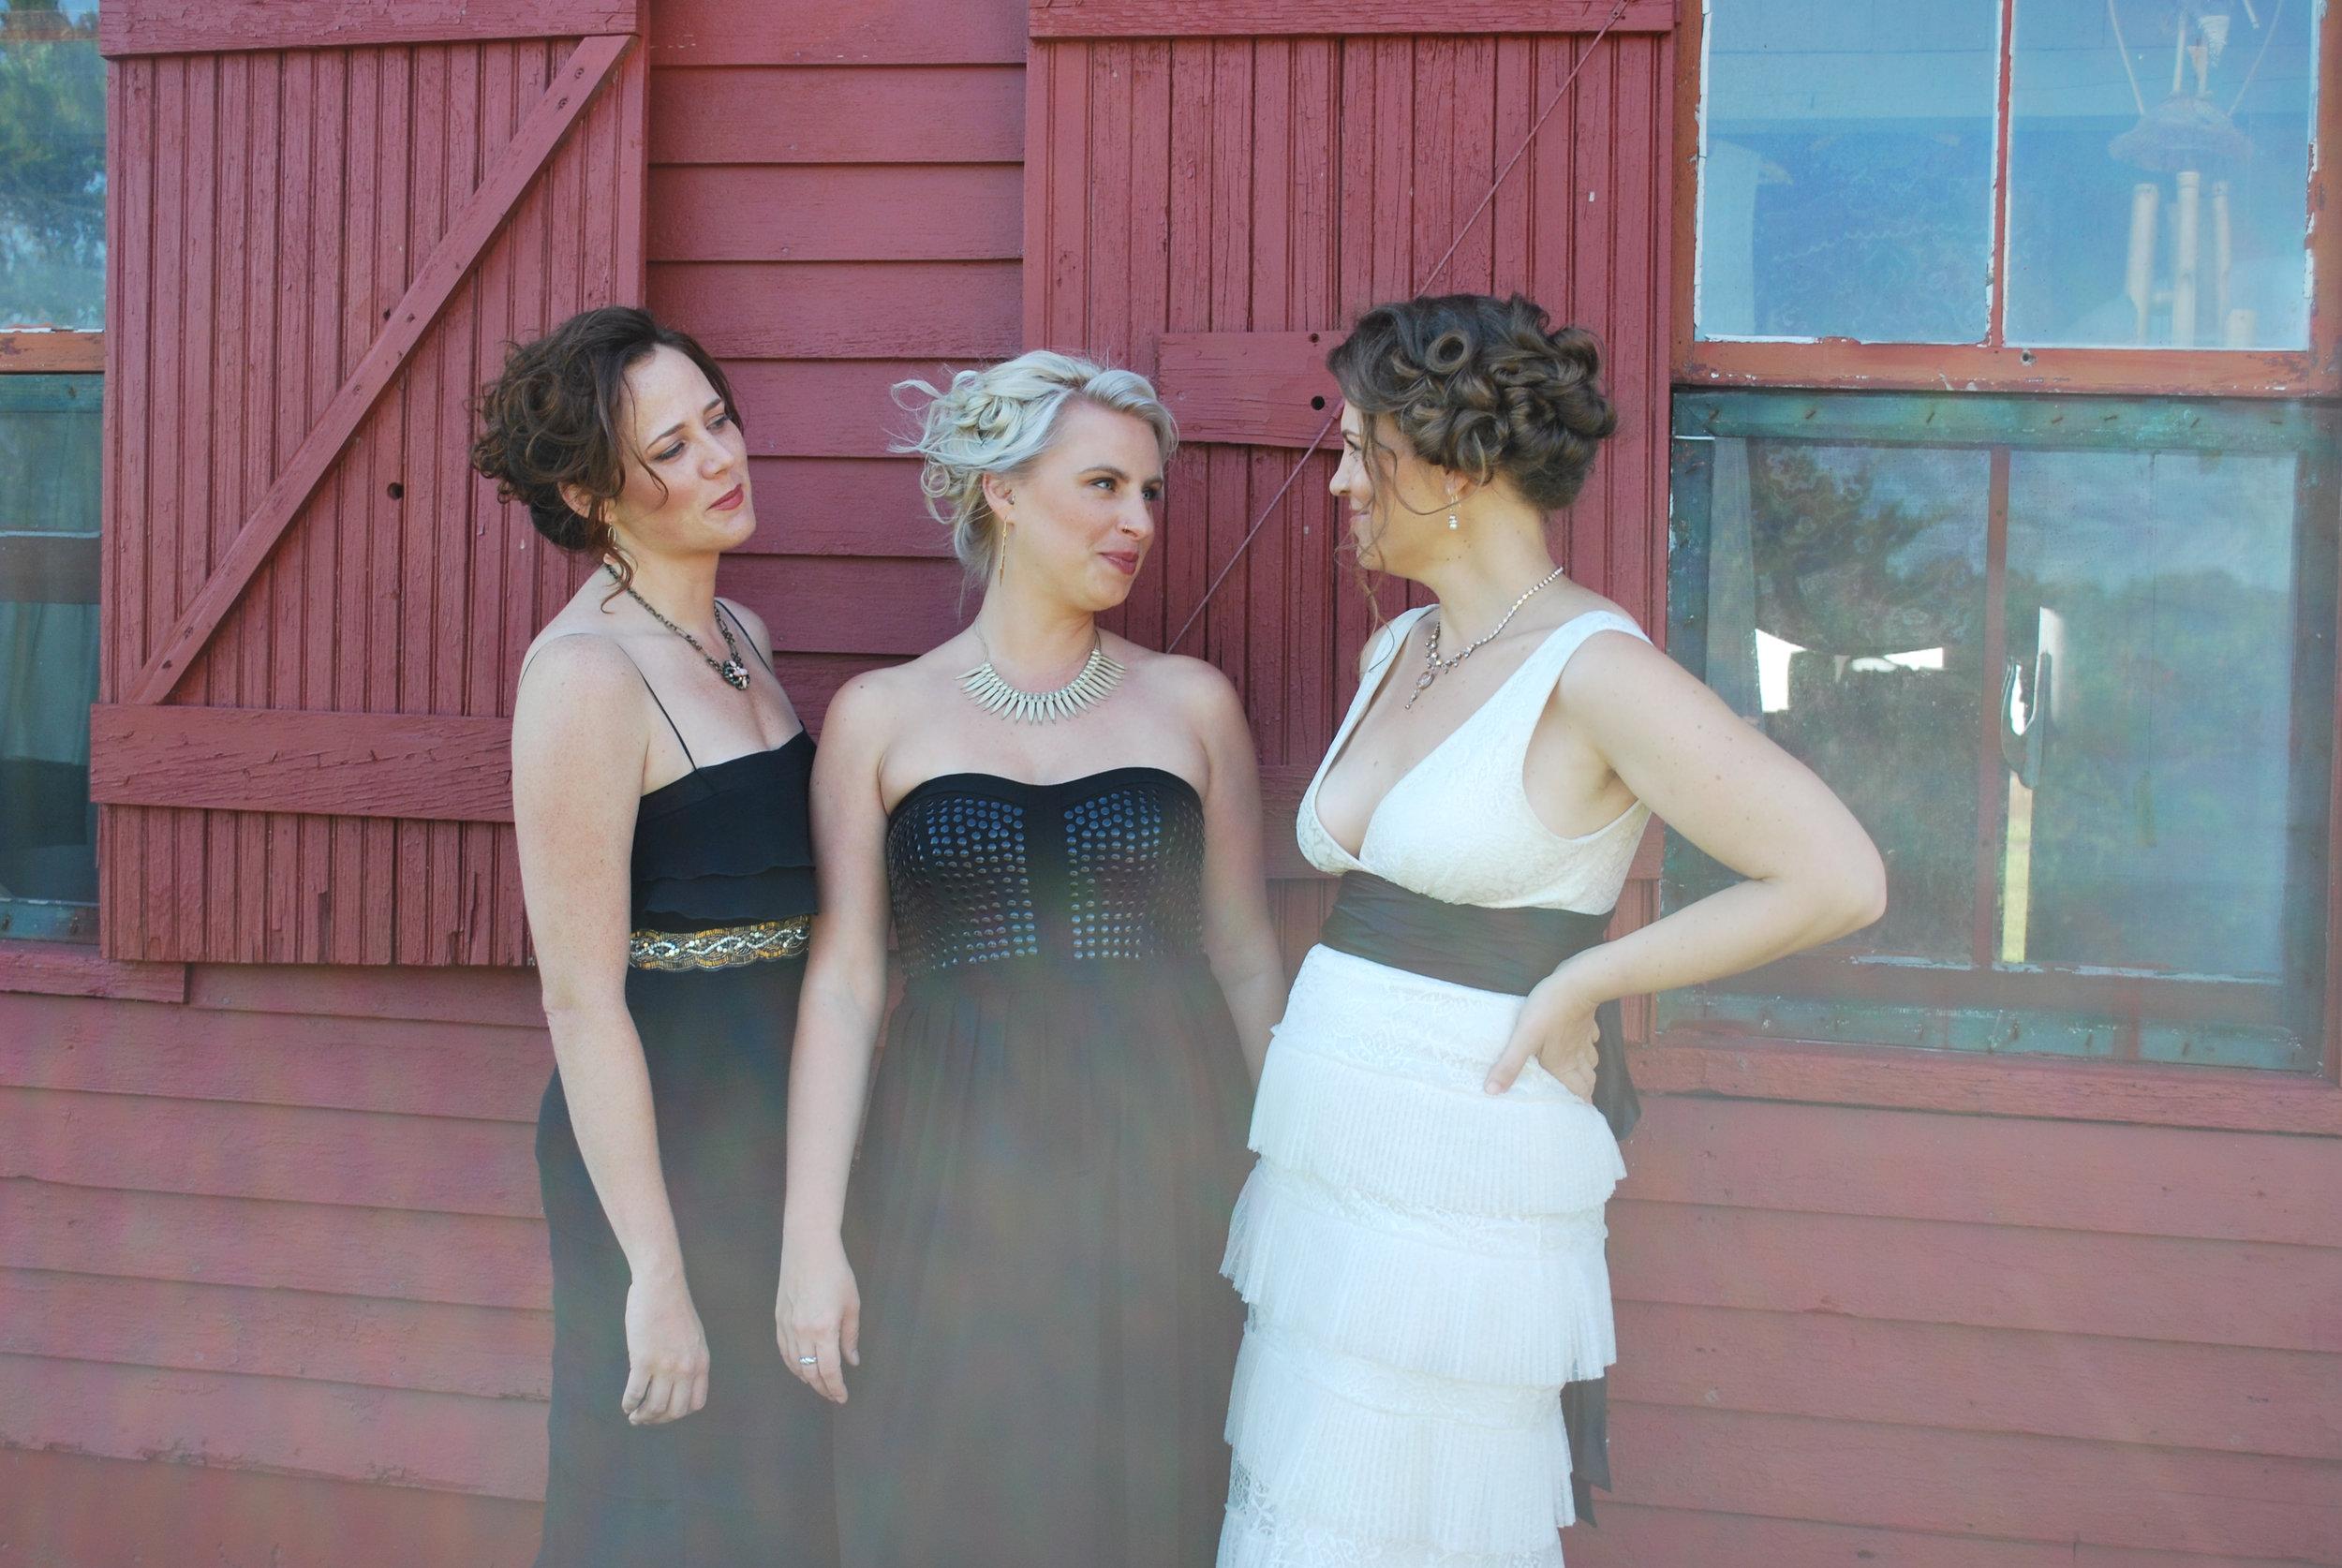 3 Ladies 7.jpg